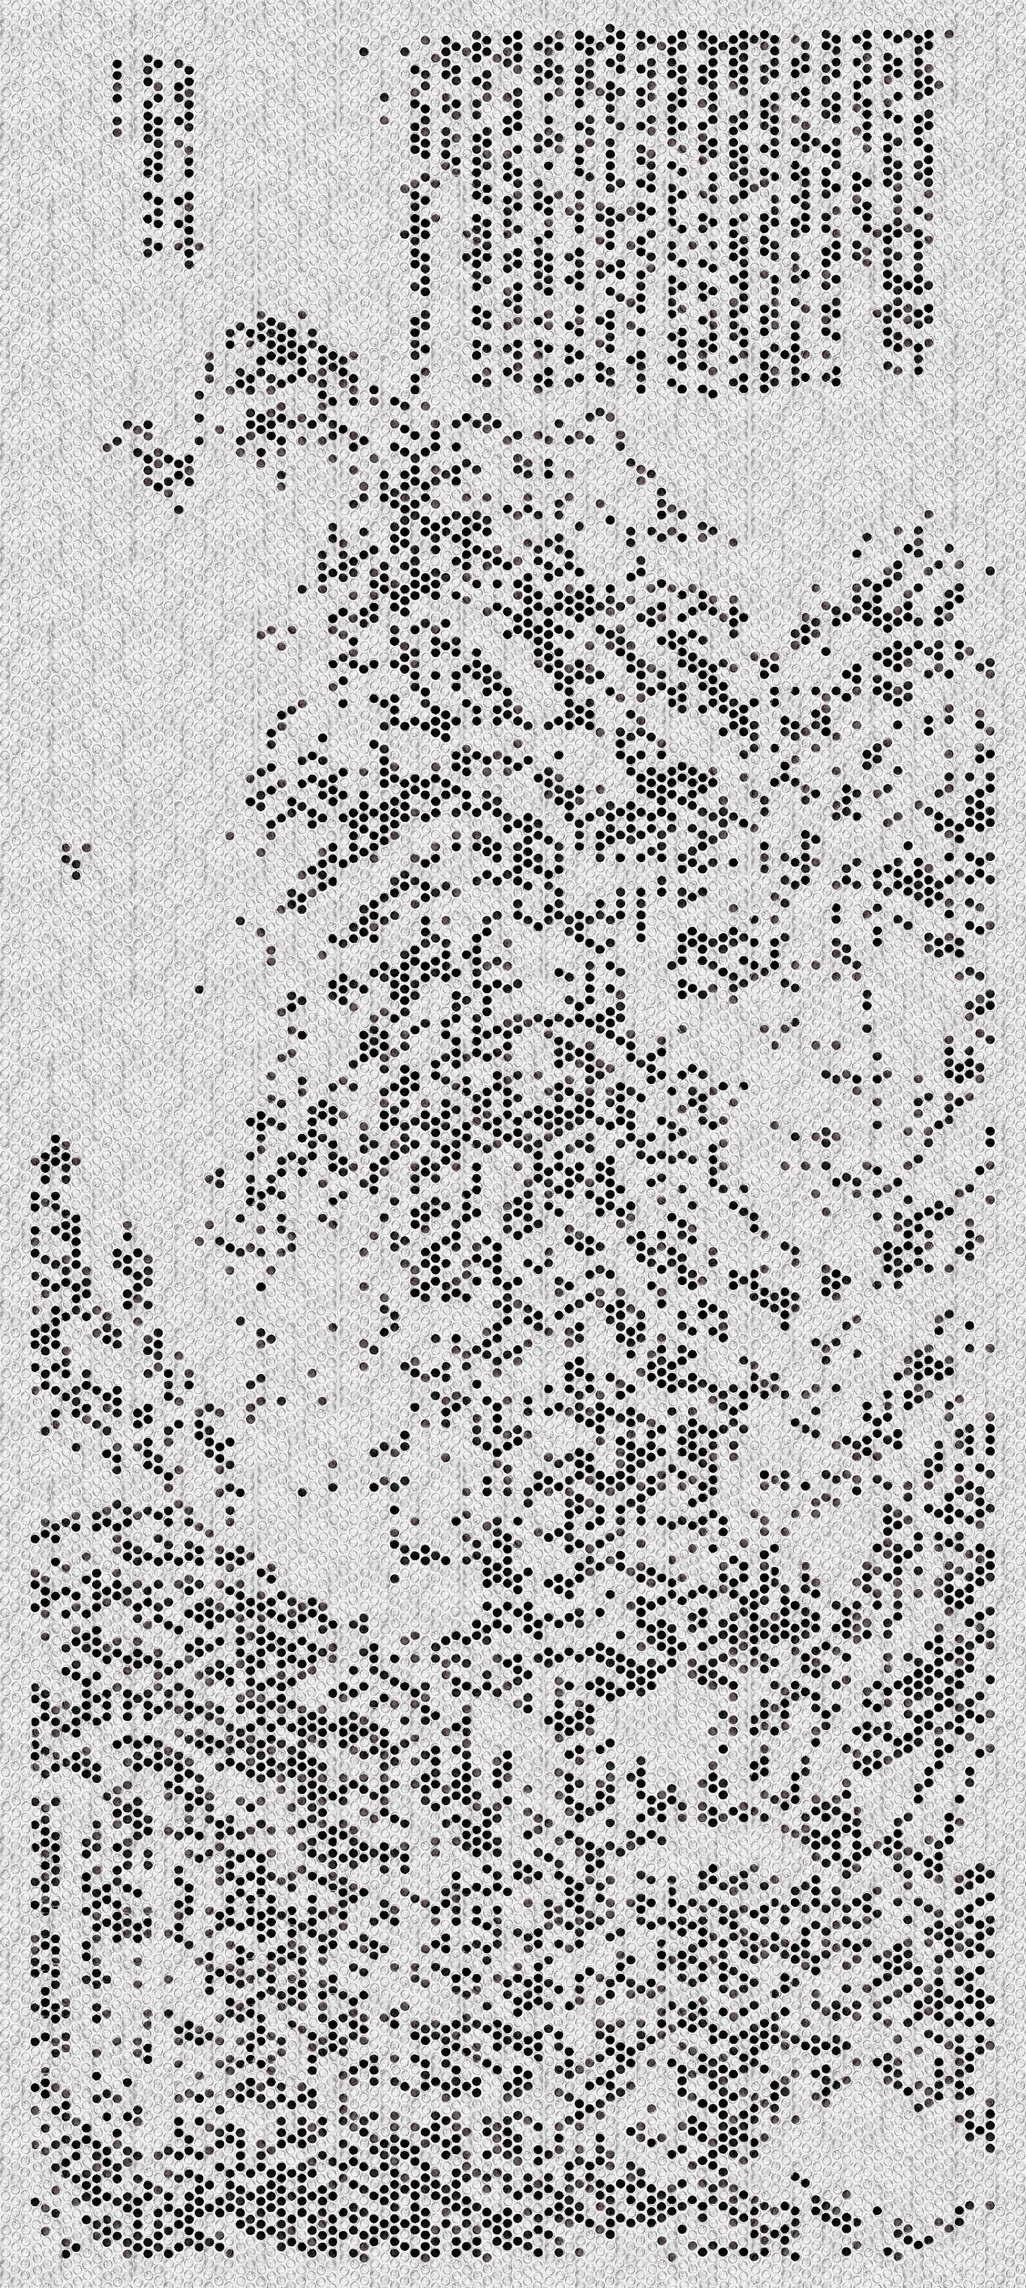 气泡膜系列《2975克山水》墨 水 气泡膜 230×100cm 2017年